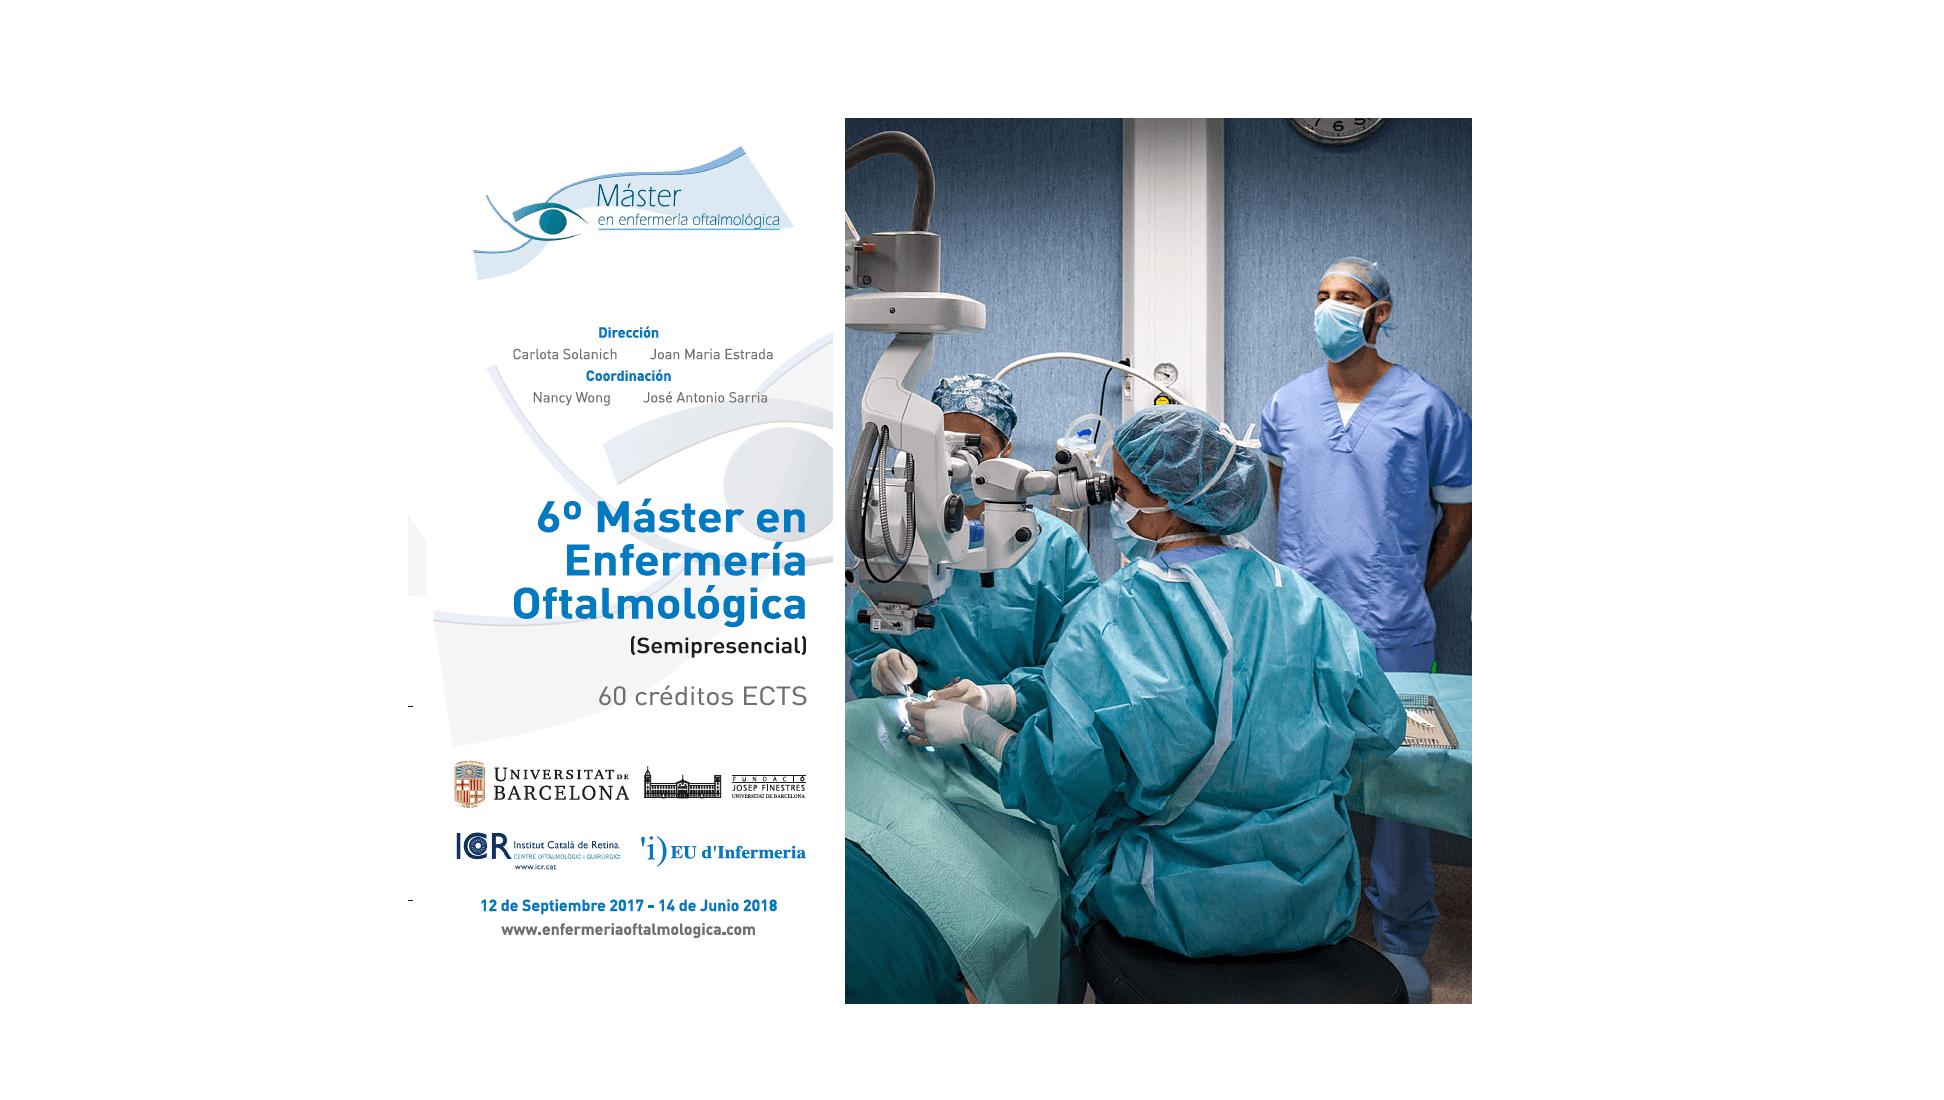 Nova edició del Màster en infermeria oftalmològica de l'ICR amb la UB